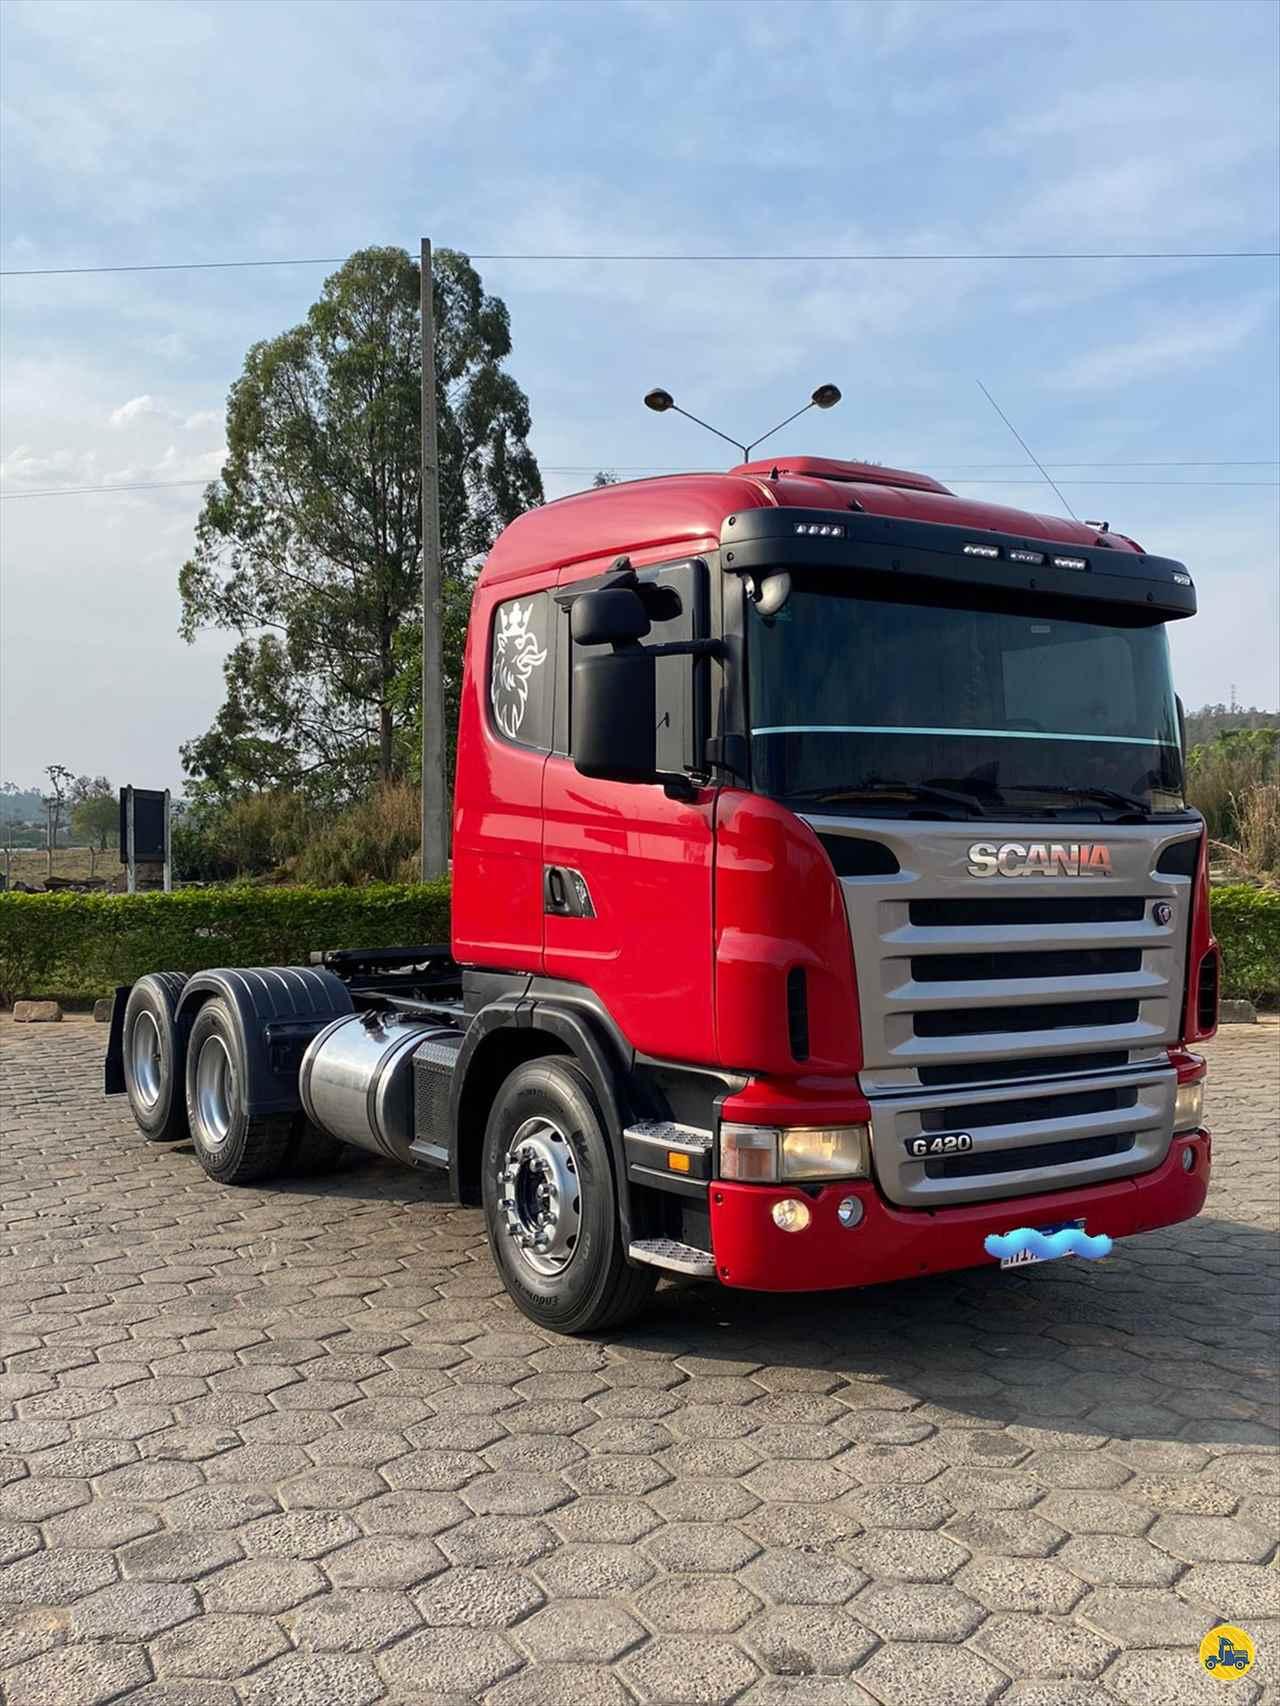 CAMINHAO SCANIA SCANIA 420 Cavalo Mecânico Truck 6x2 Caminhões Certos CONTAGEM MINAS GERAIS MG